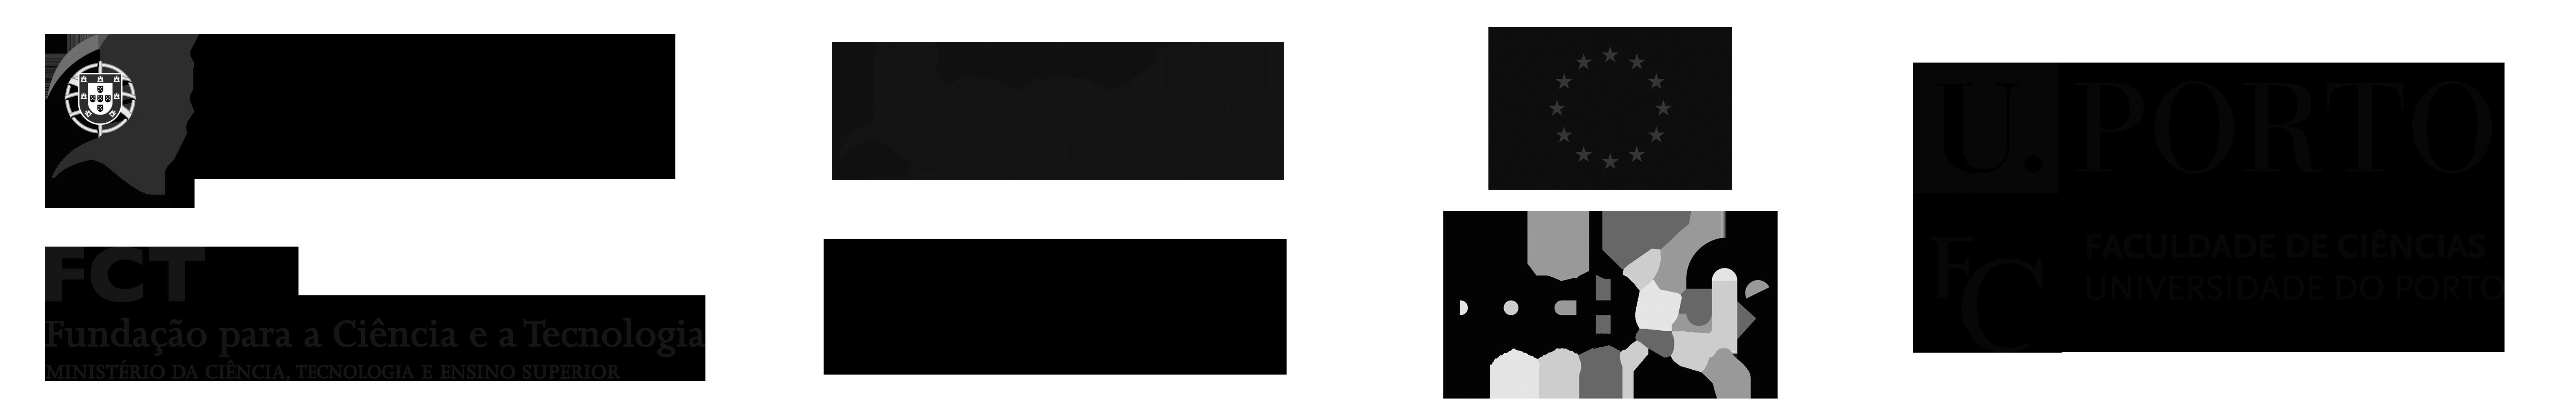 Apoio Fundação para a Ciência e Tecnologia, Compete, QRENe Faculdade de Ciencias da Universidade do Porto